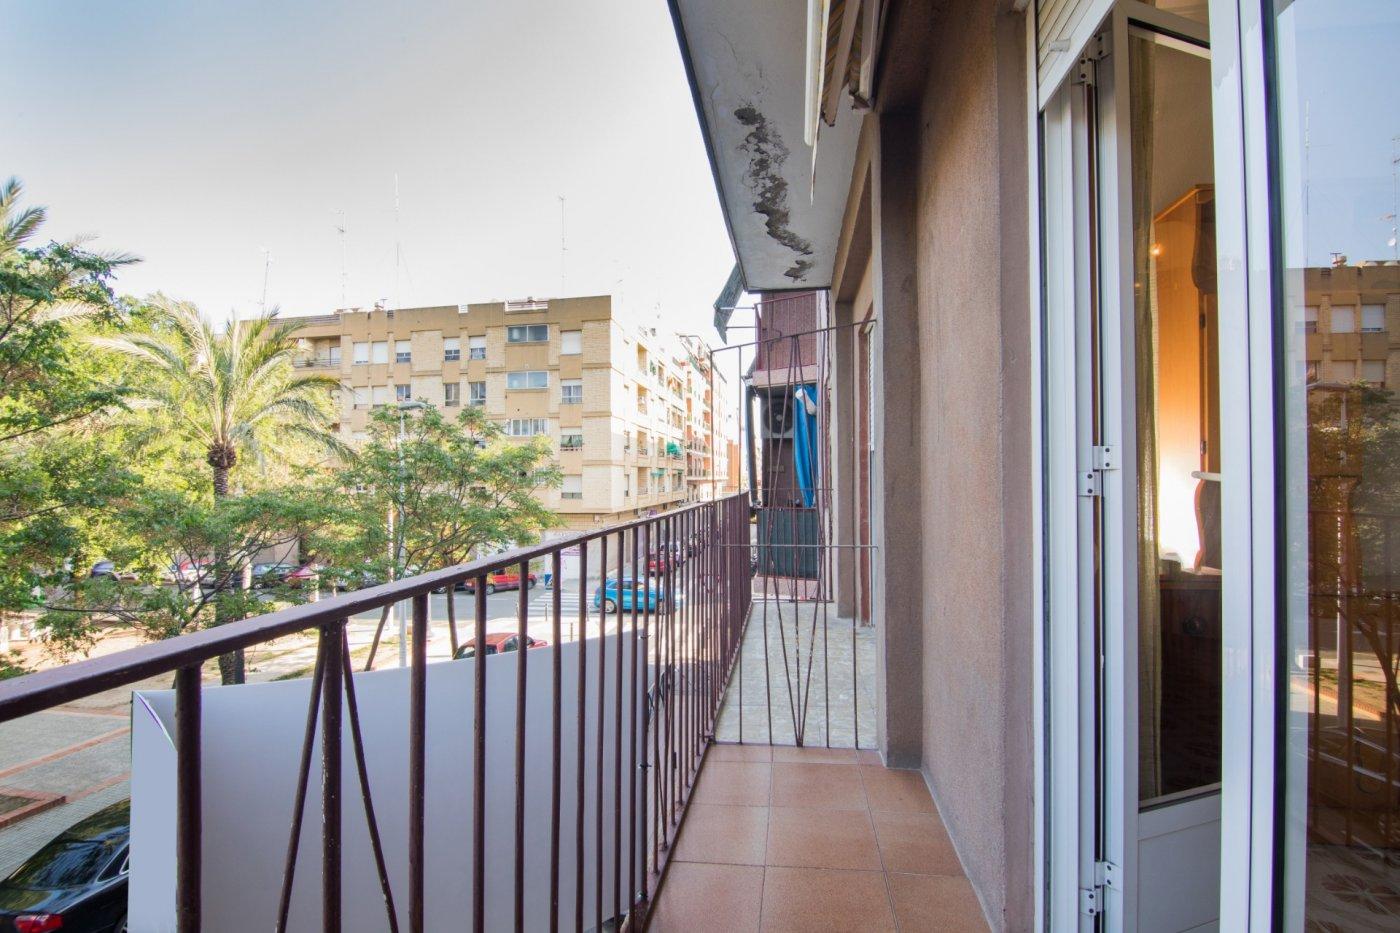 Piso · Elche · Plaza Crevillente 54.990€€